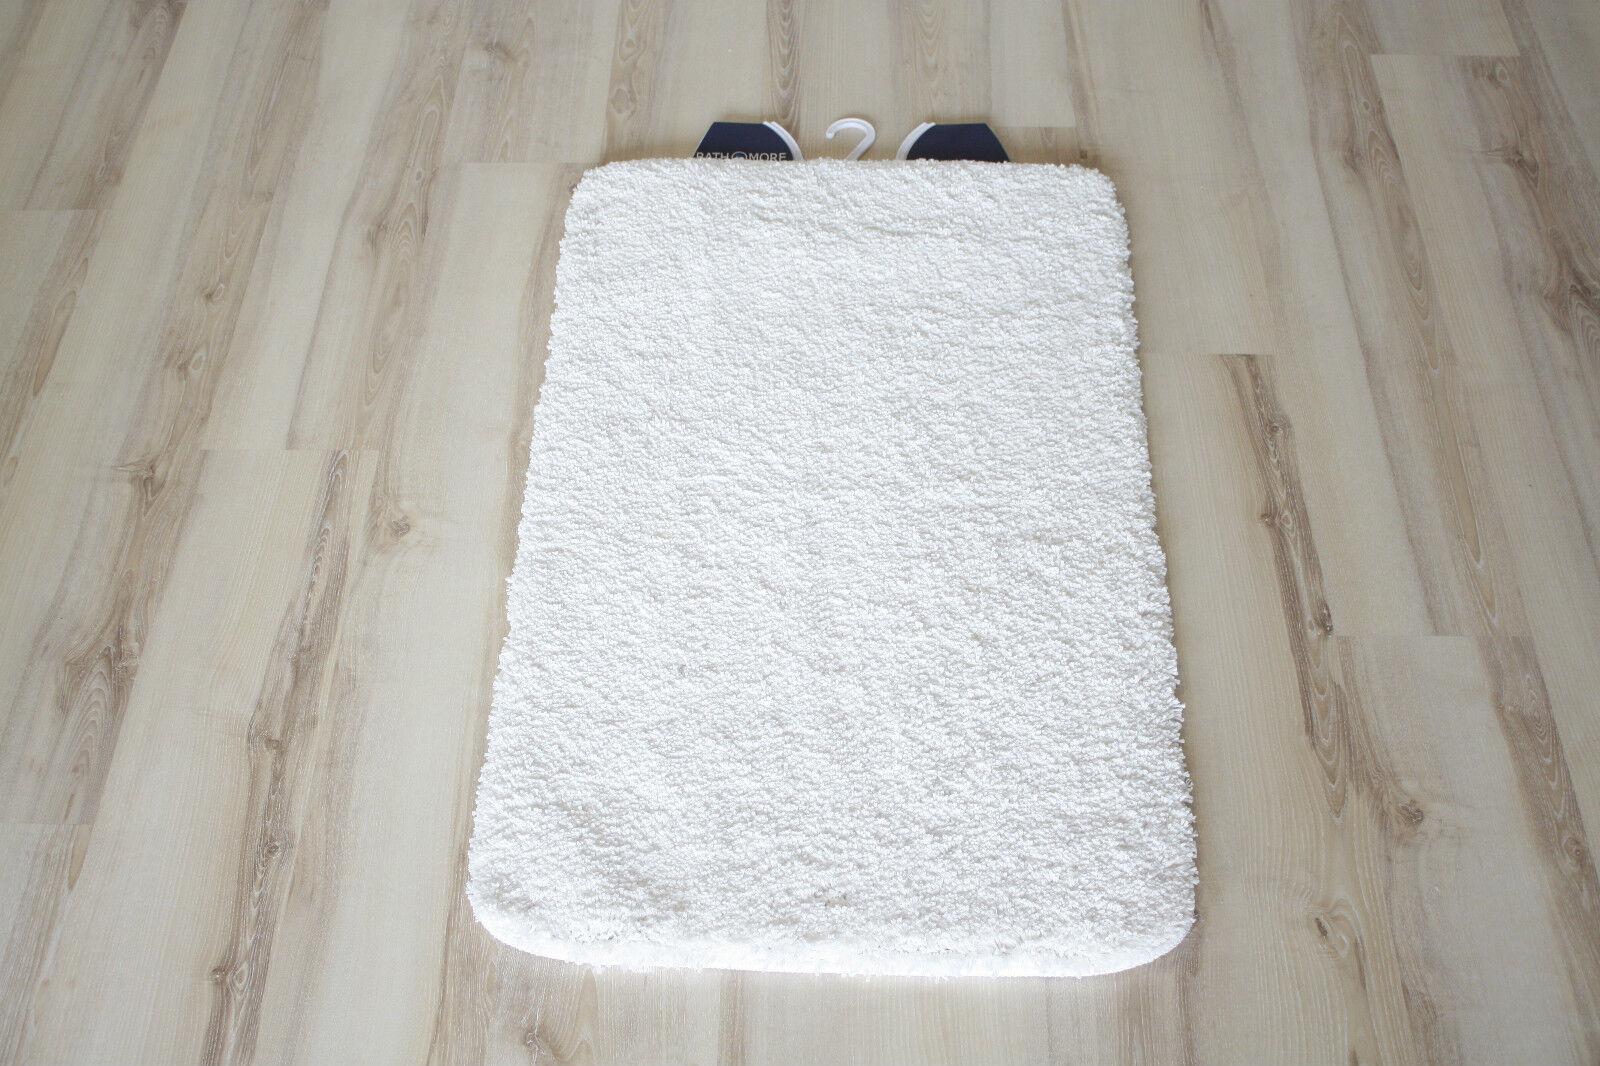 Badteppich Badematte Uni Weiß 60x100cm weich       | Tragen-wider  6440d2